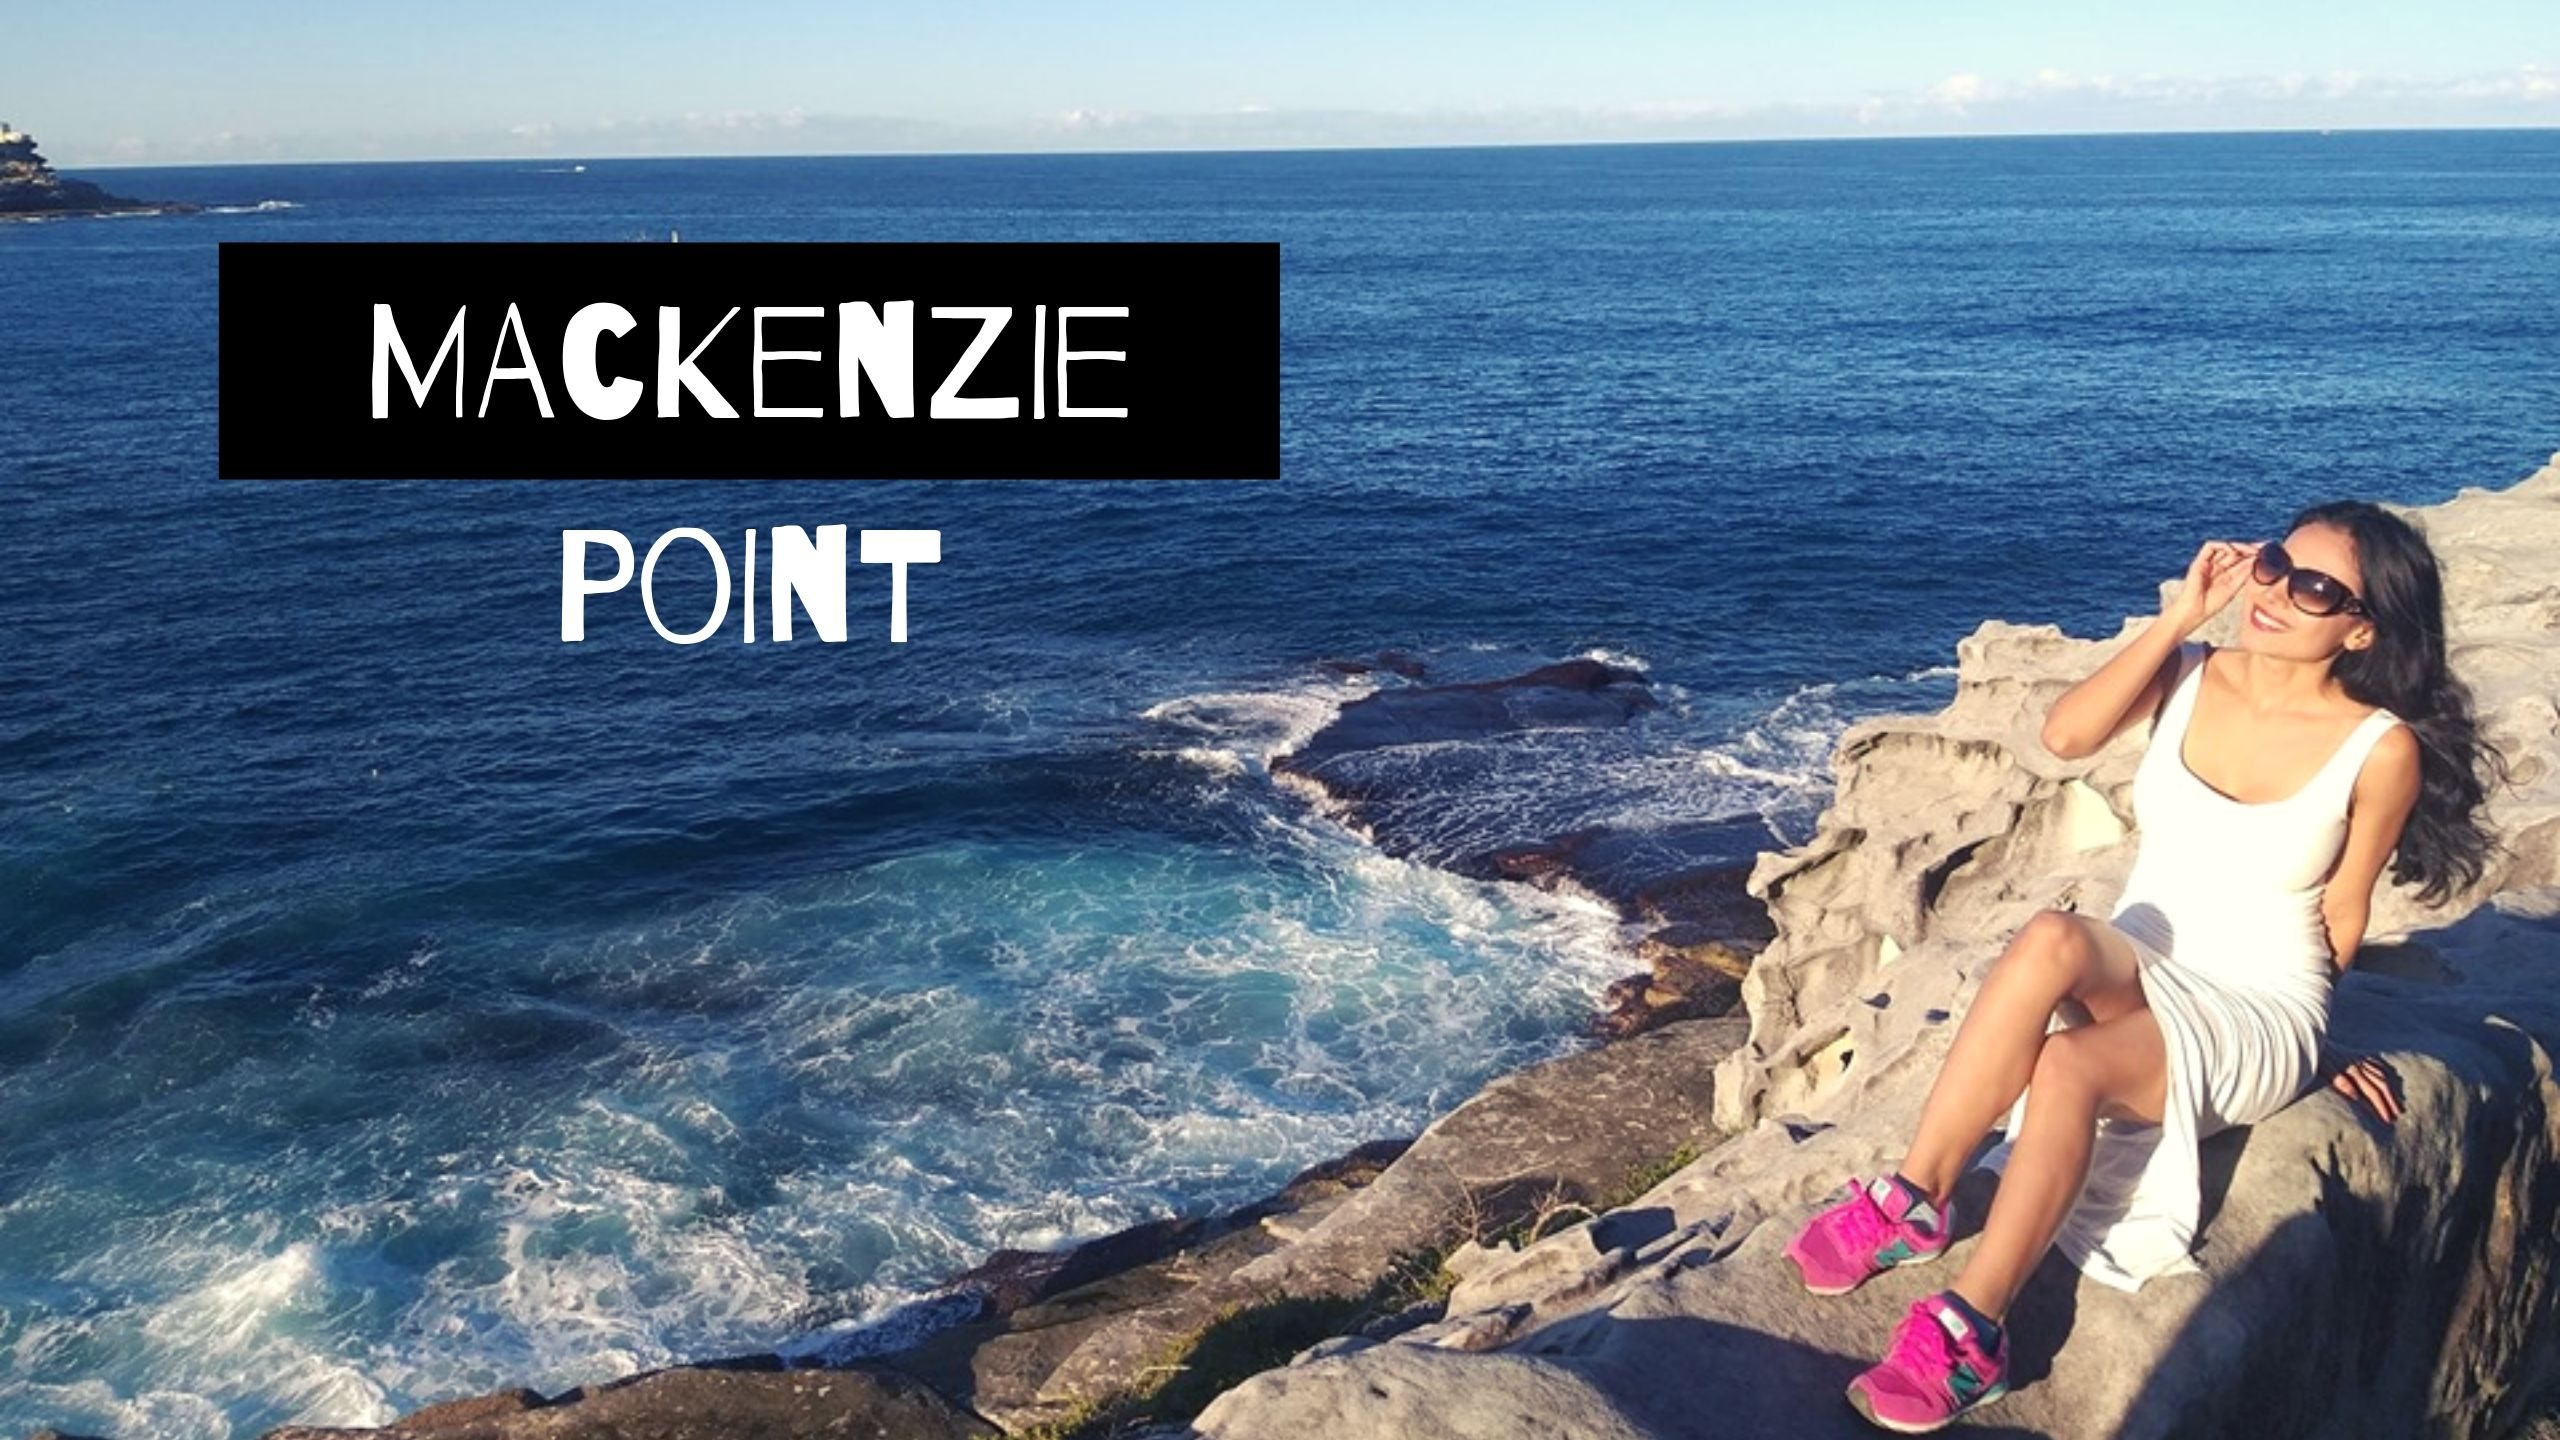 Mackenzie Point